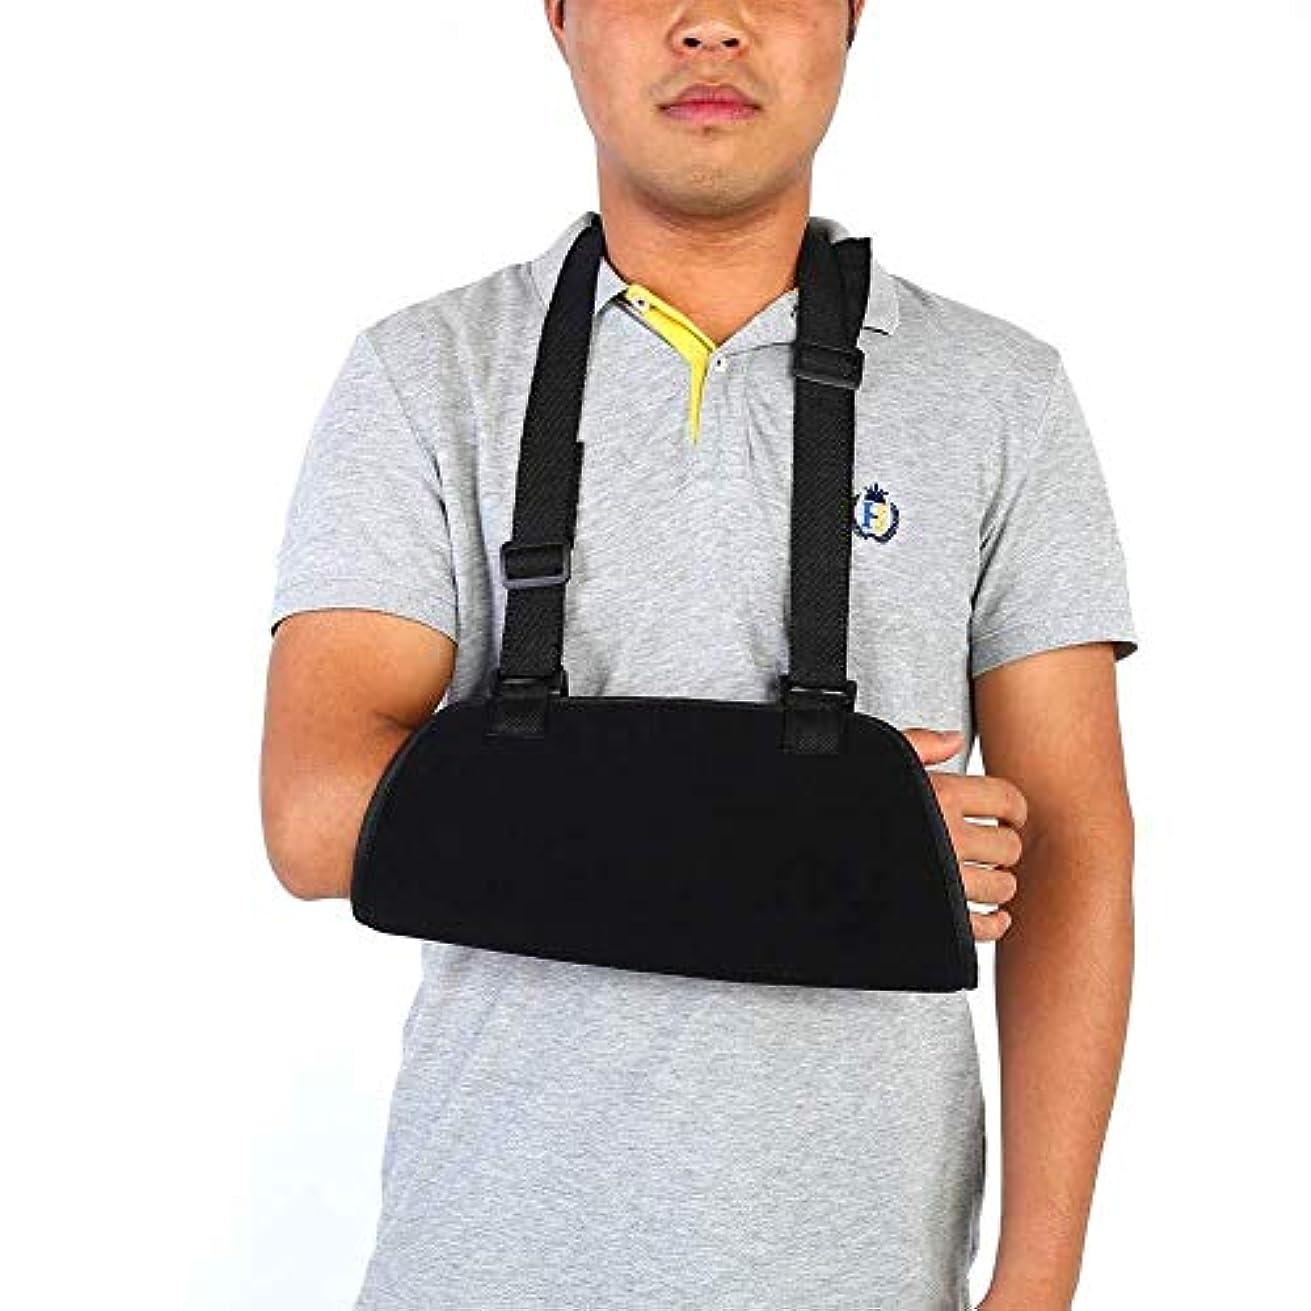 腕の吊り鎖、調節可能な肩の手首の肘のサポートストラップ、男性の女性のための安定化を提供するために、ウエストバンドとウエストバンド